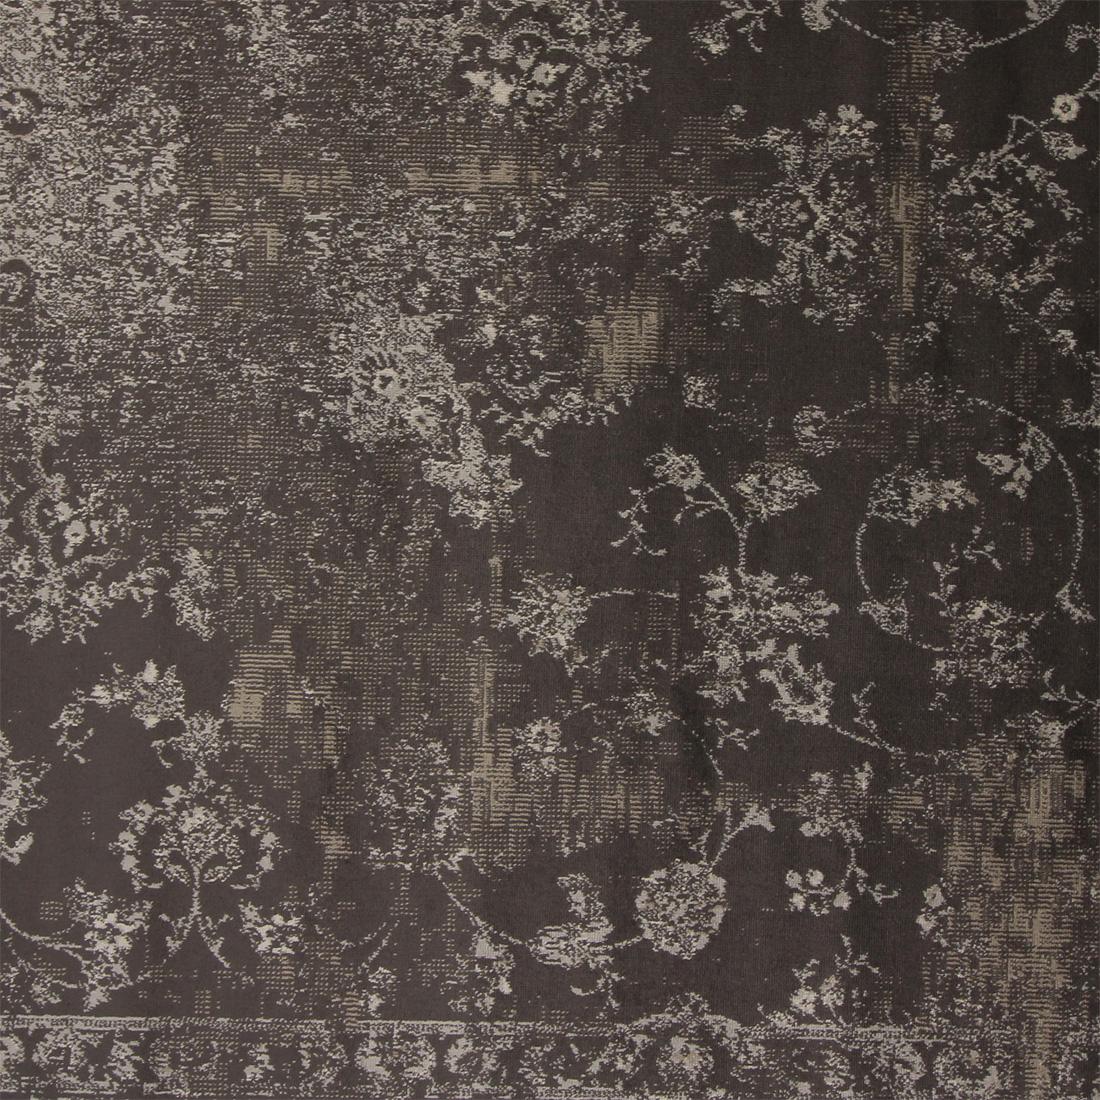 Vloerkleed Xilento Vintage Viscose Grey | 160 x 230 cm